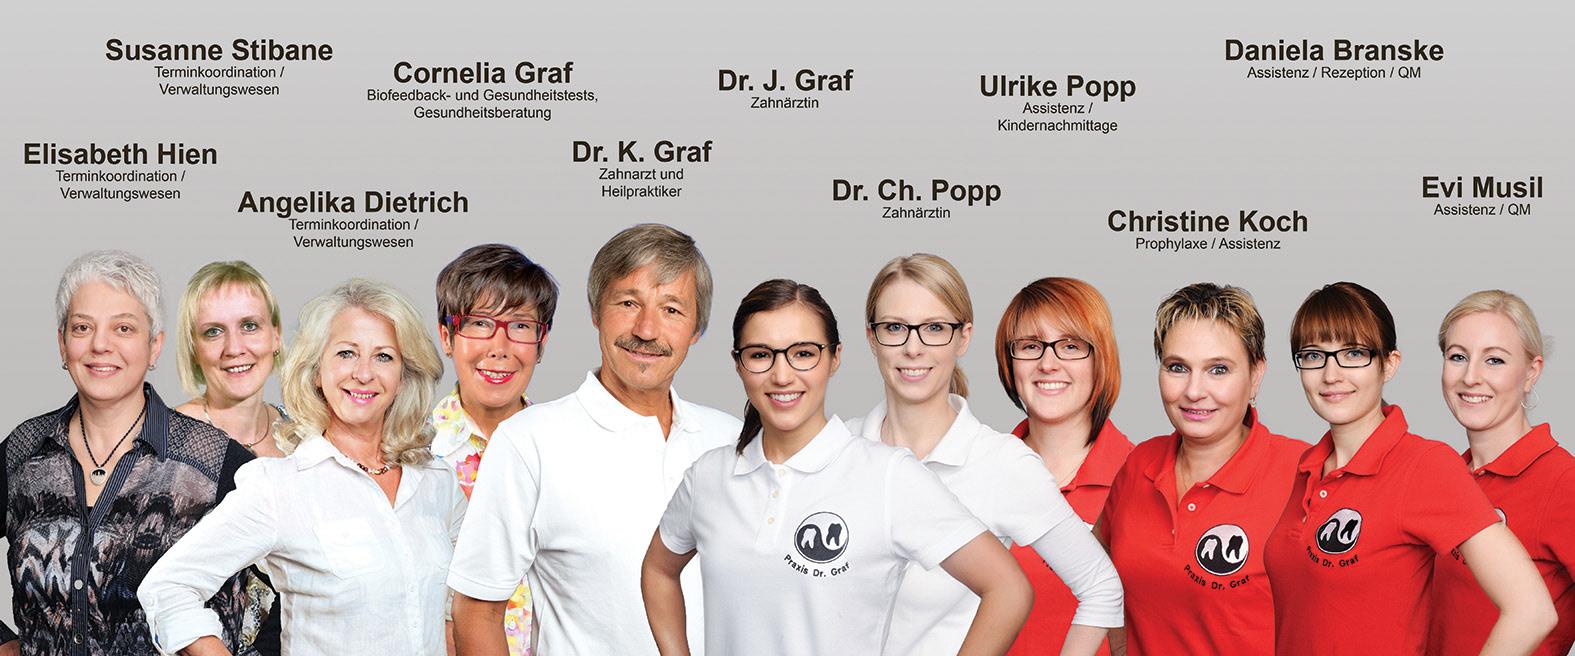 Lisa Schätz Dr Graf